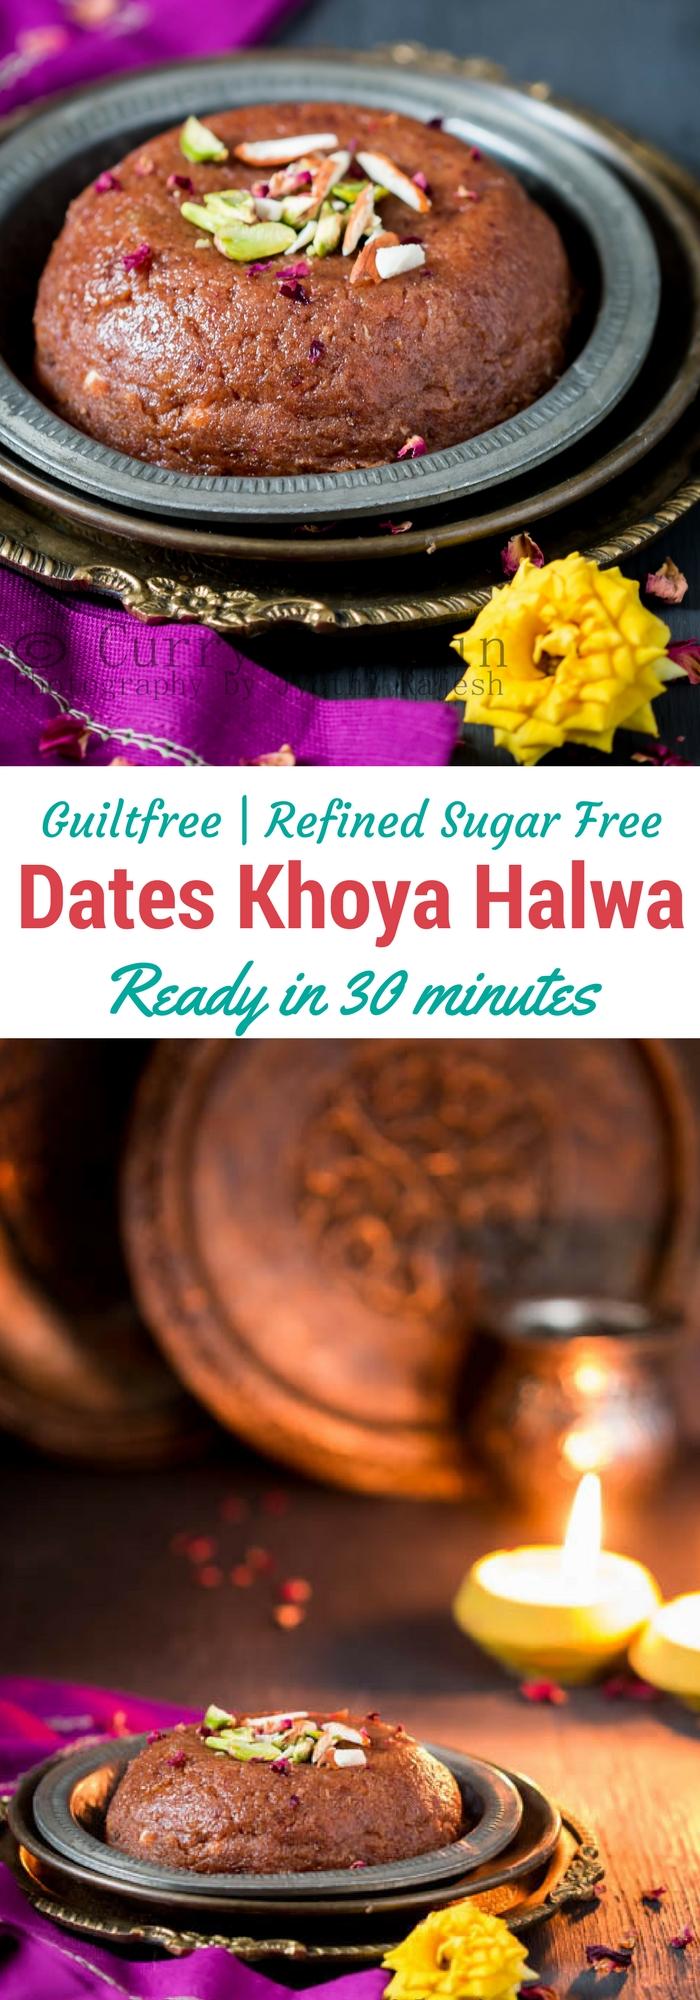 Dates Khoya Halwa